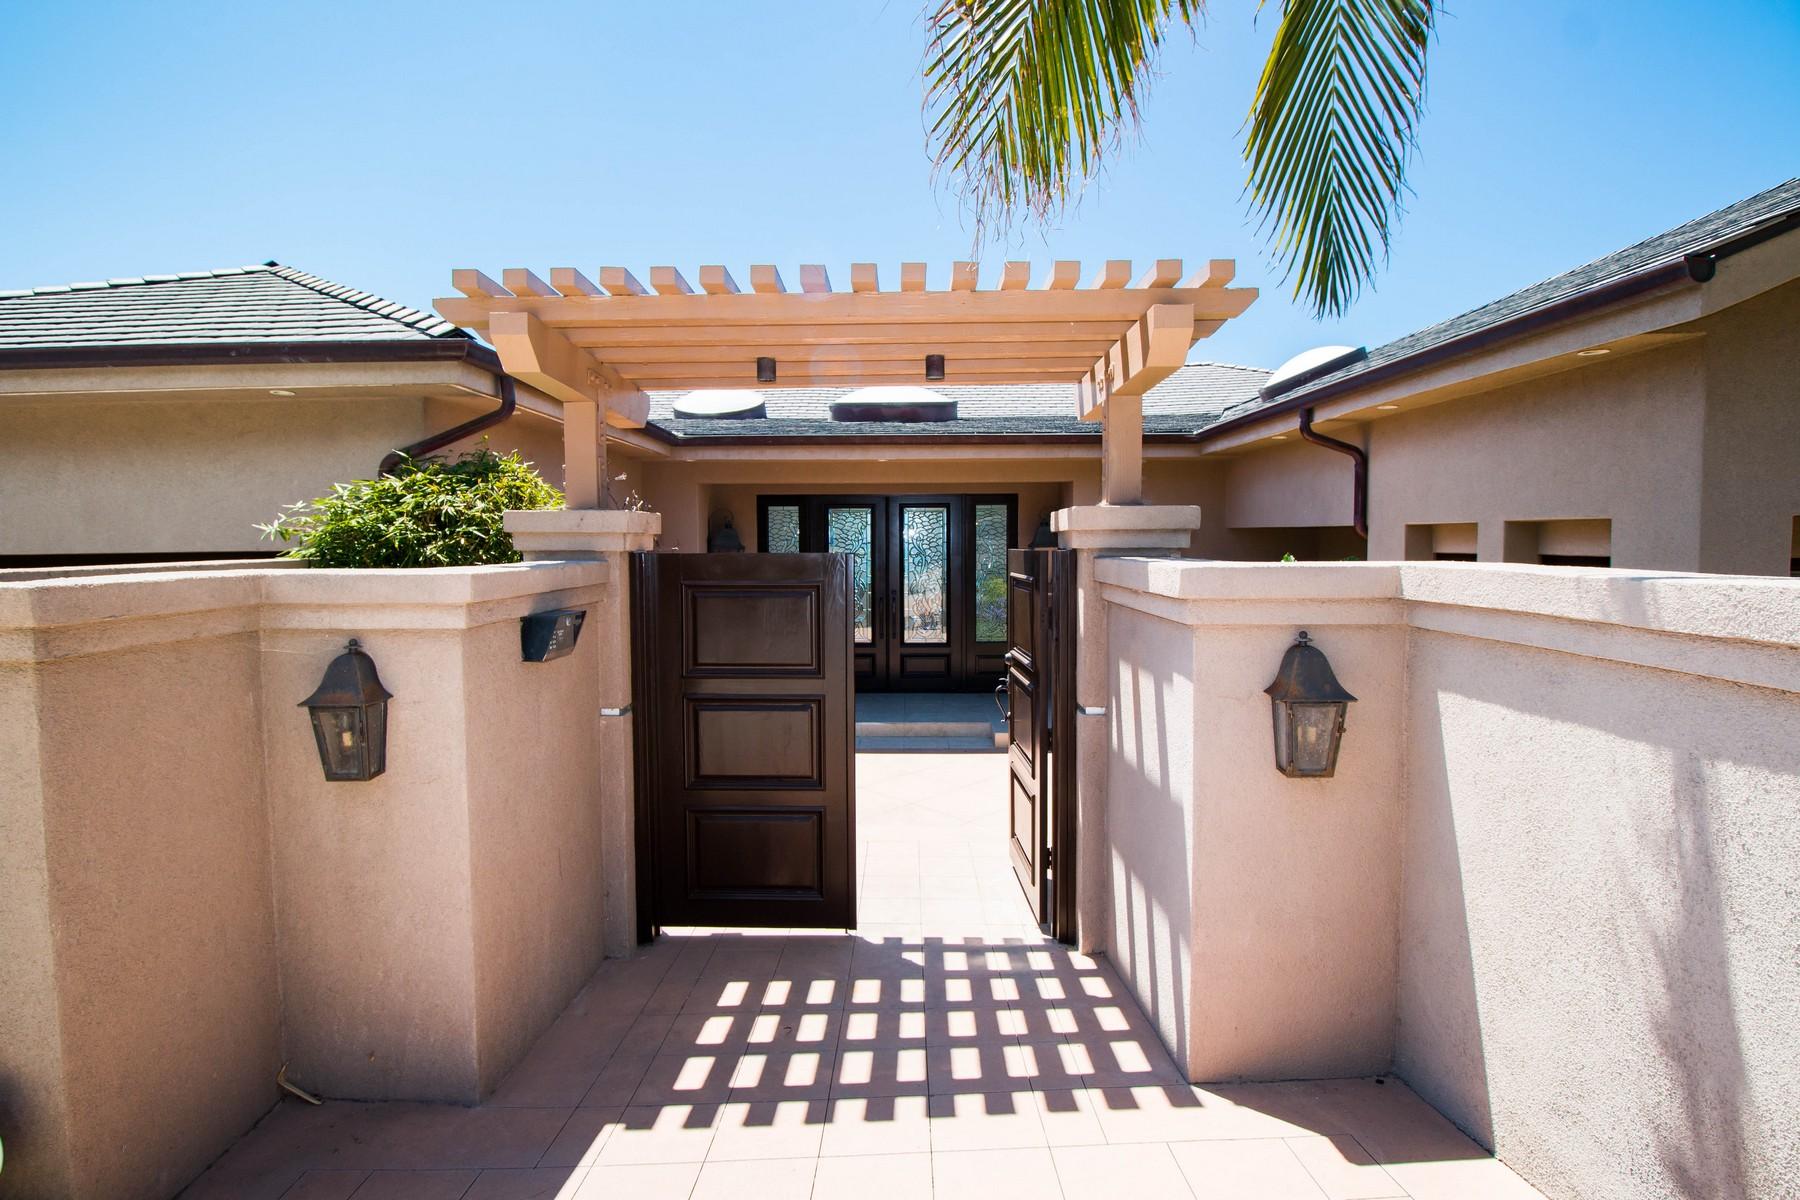 Single Family Home for Sale at 8641 Ruette Monte Carlo La Jolla, California 92037 United States